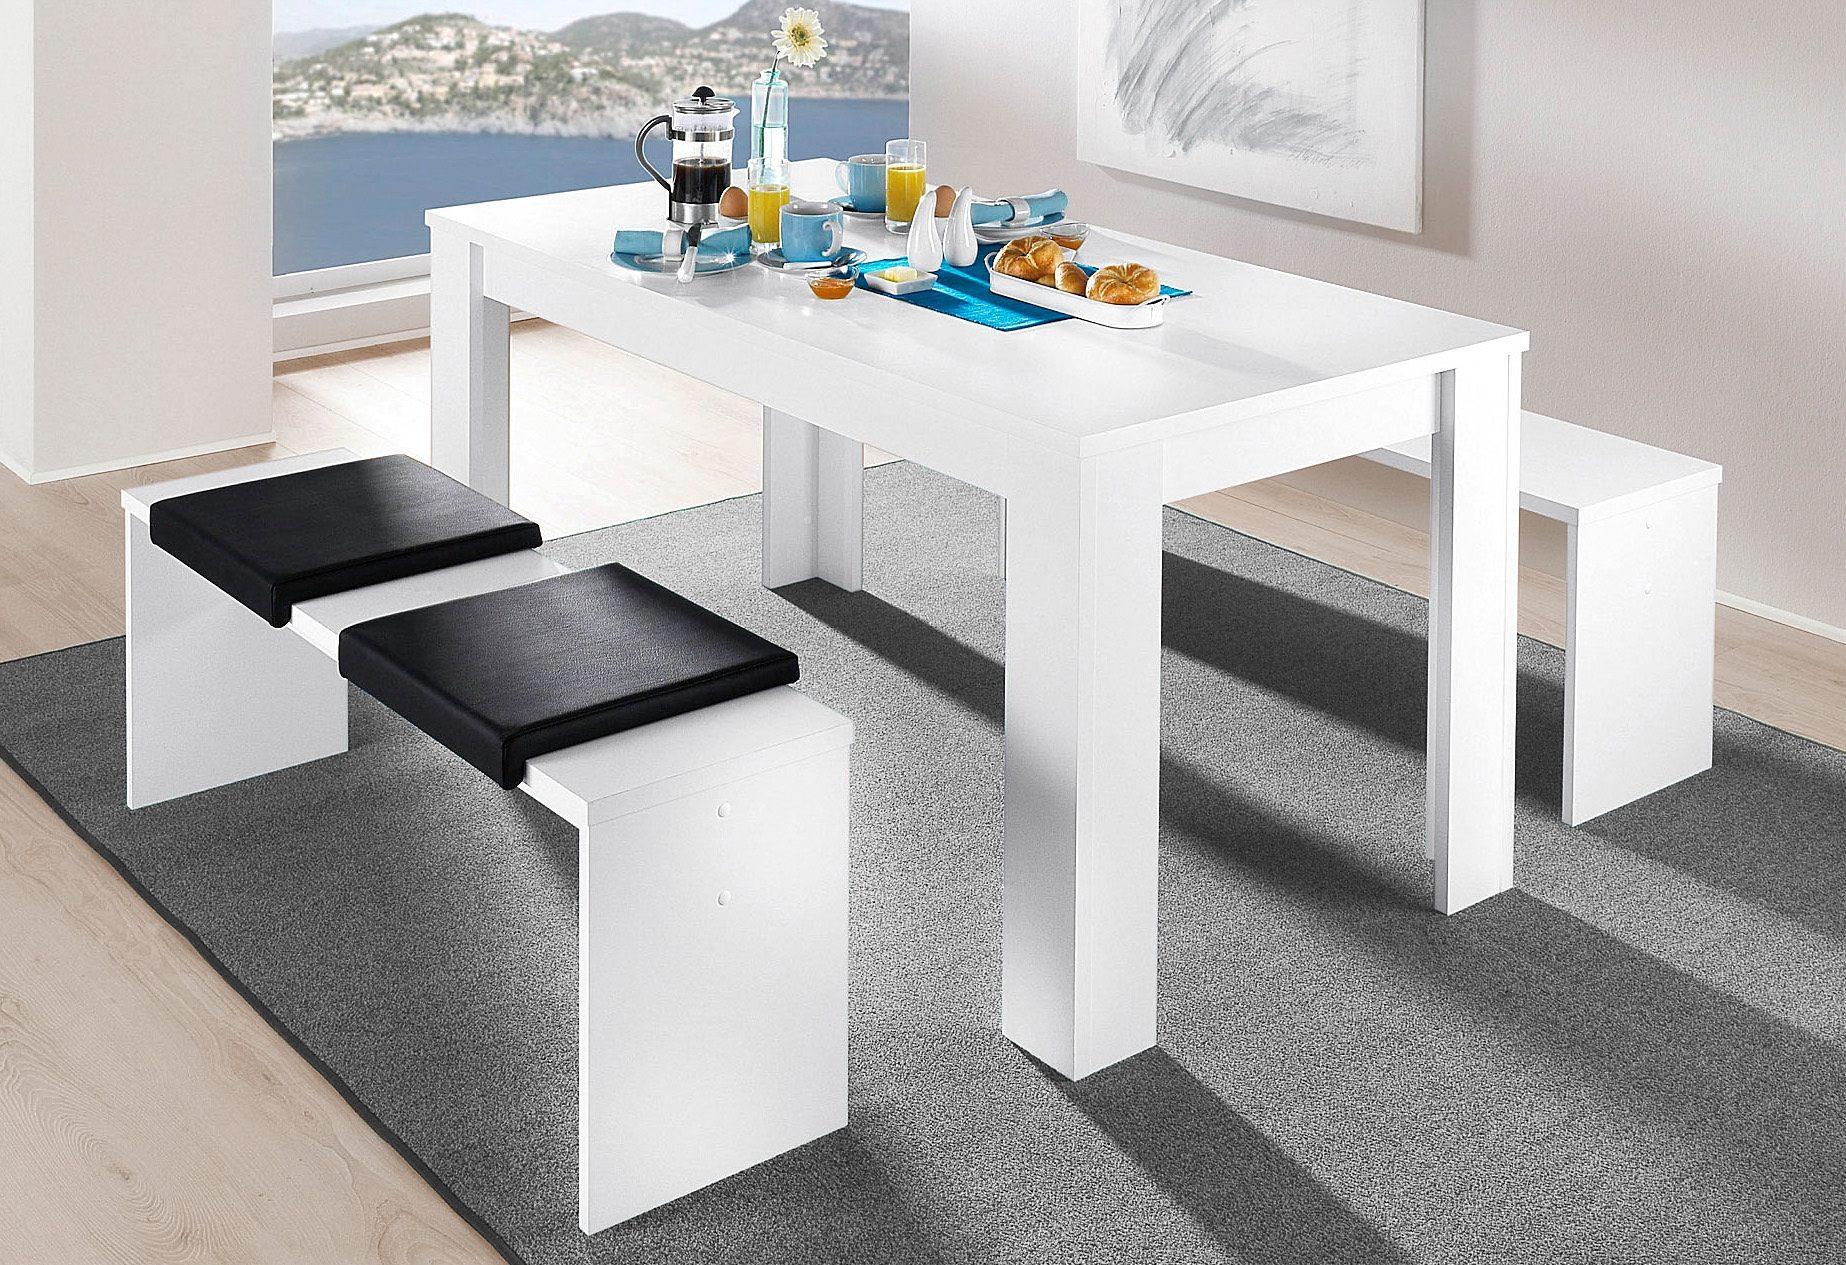 Eethoek Ikea